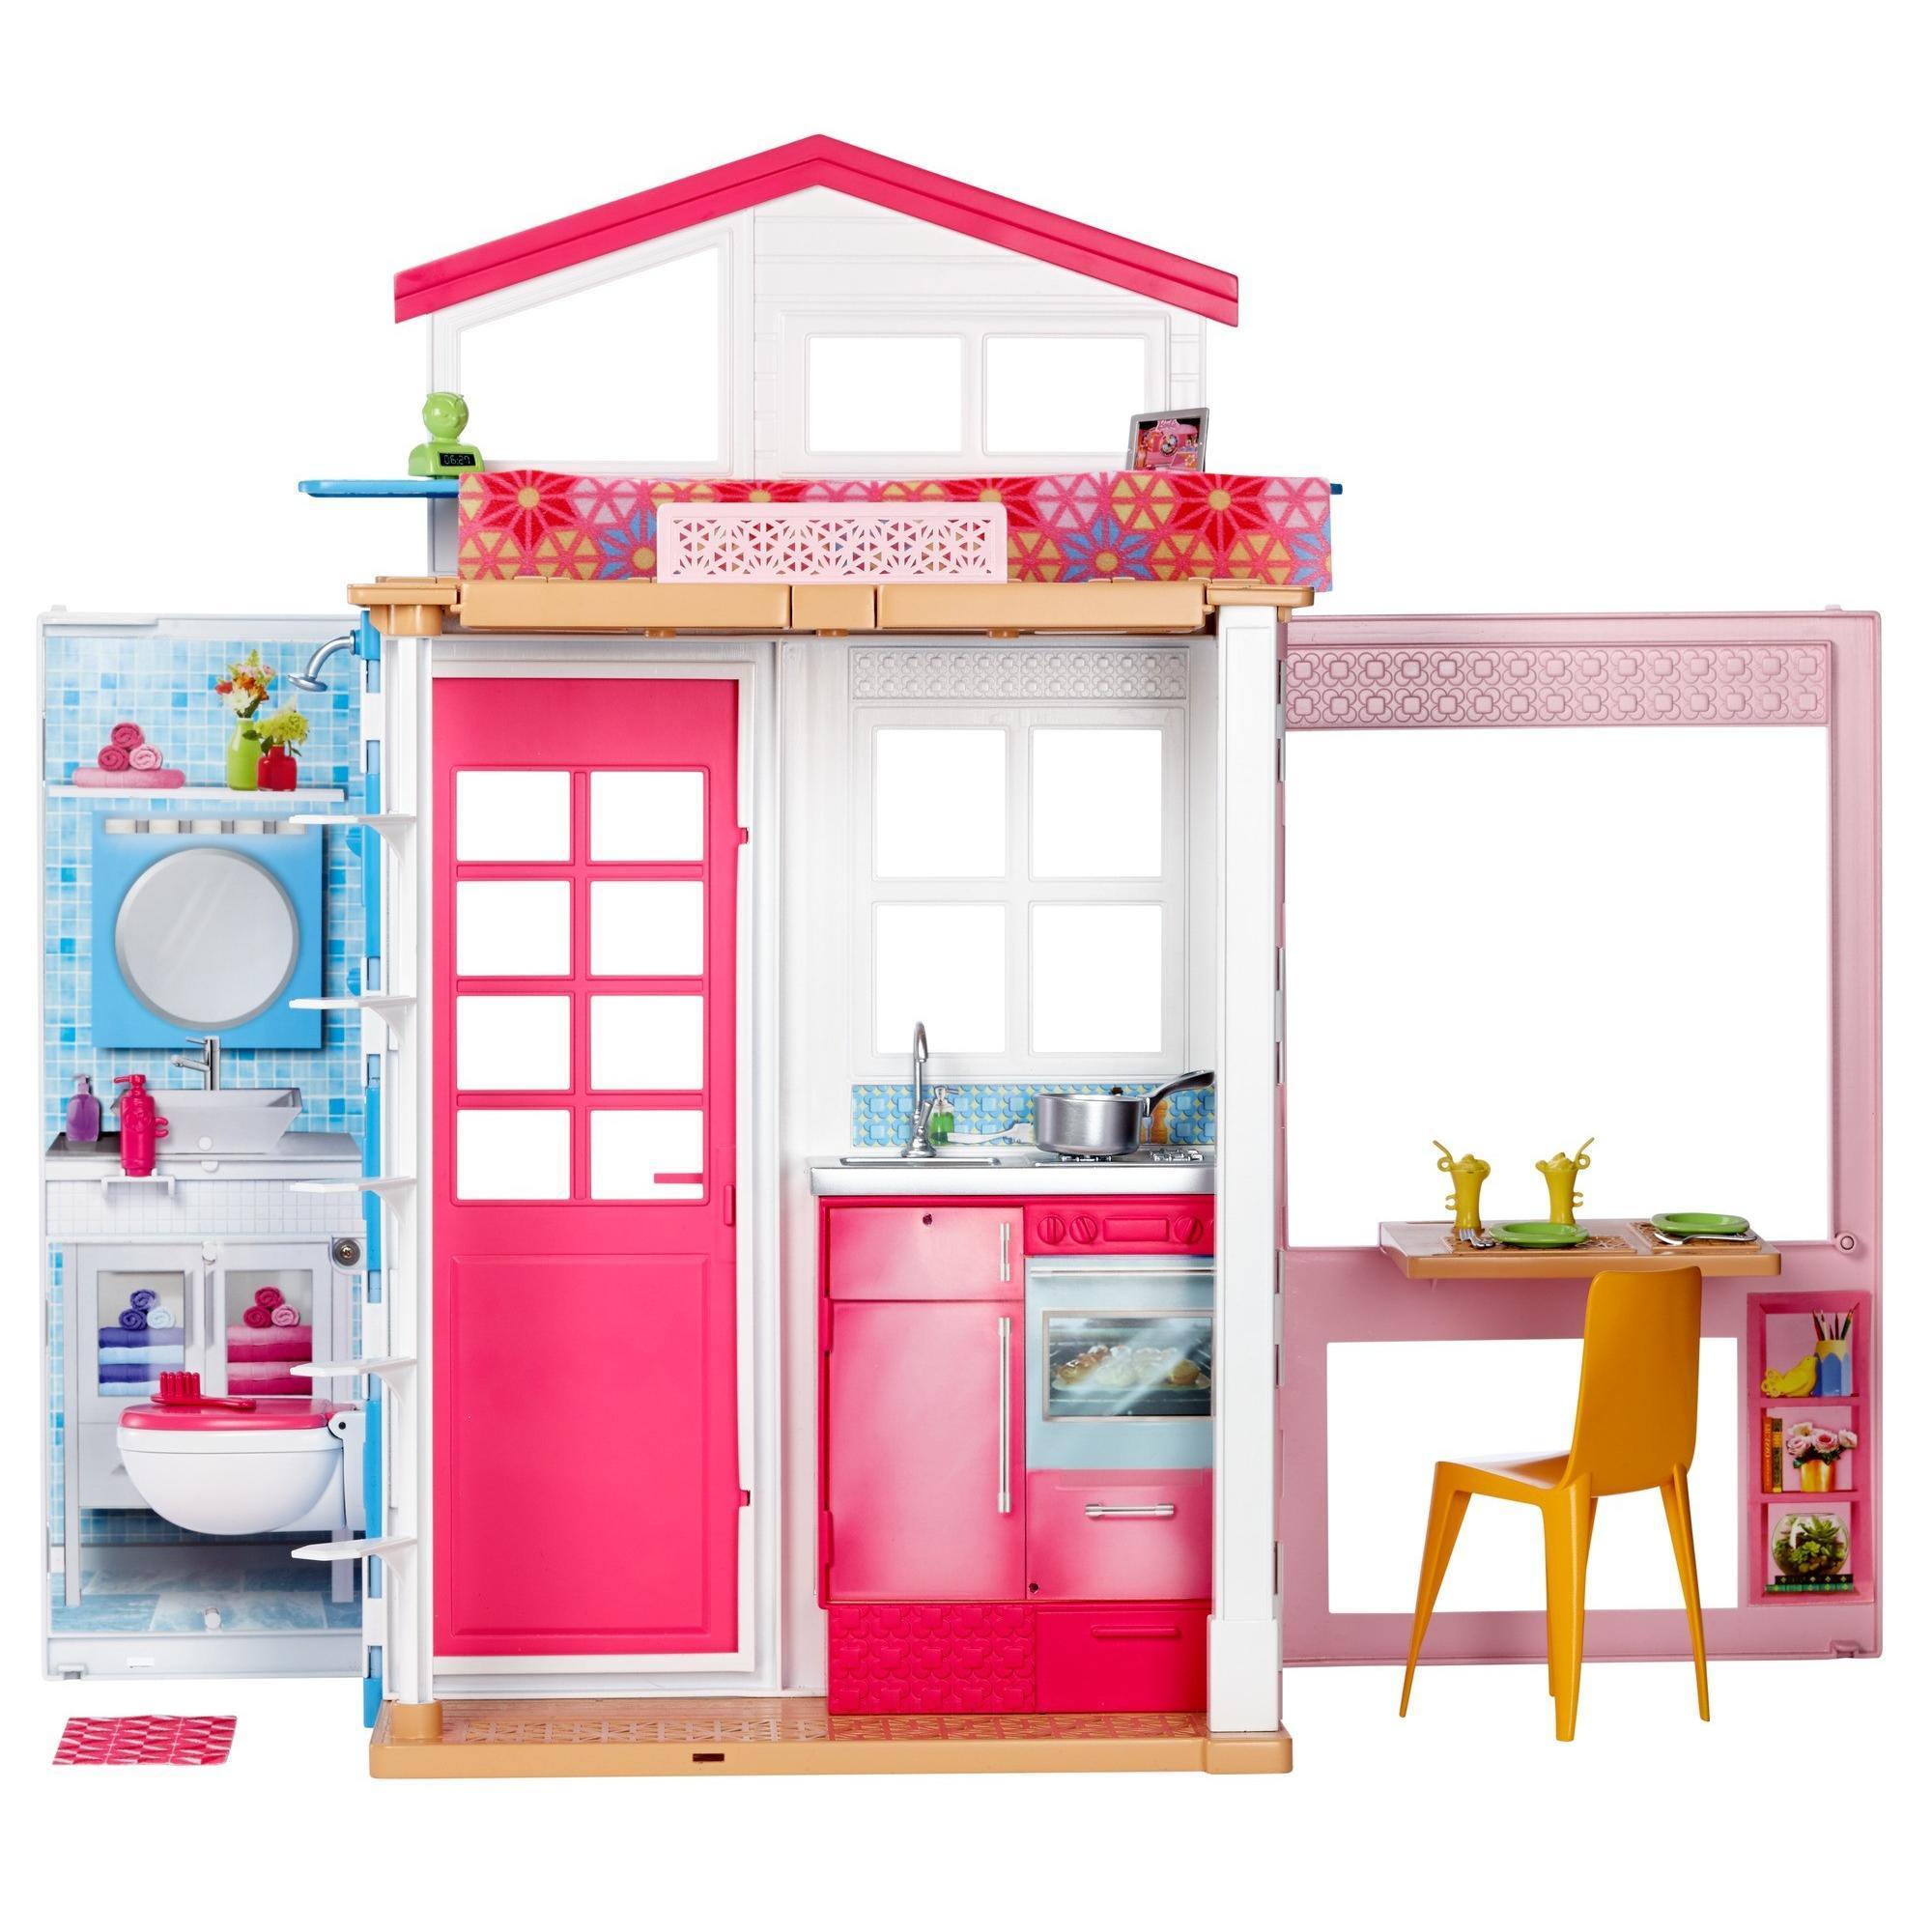 Offer Ưu Đãi BARBIE DVV47 NGÔI NHÀ NHỎ   Barbie® 2-Story House DVV47